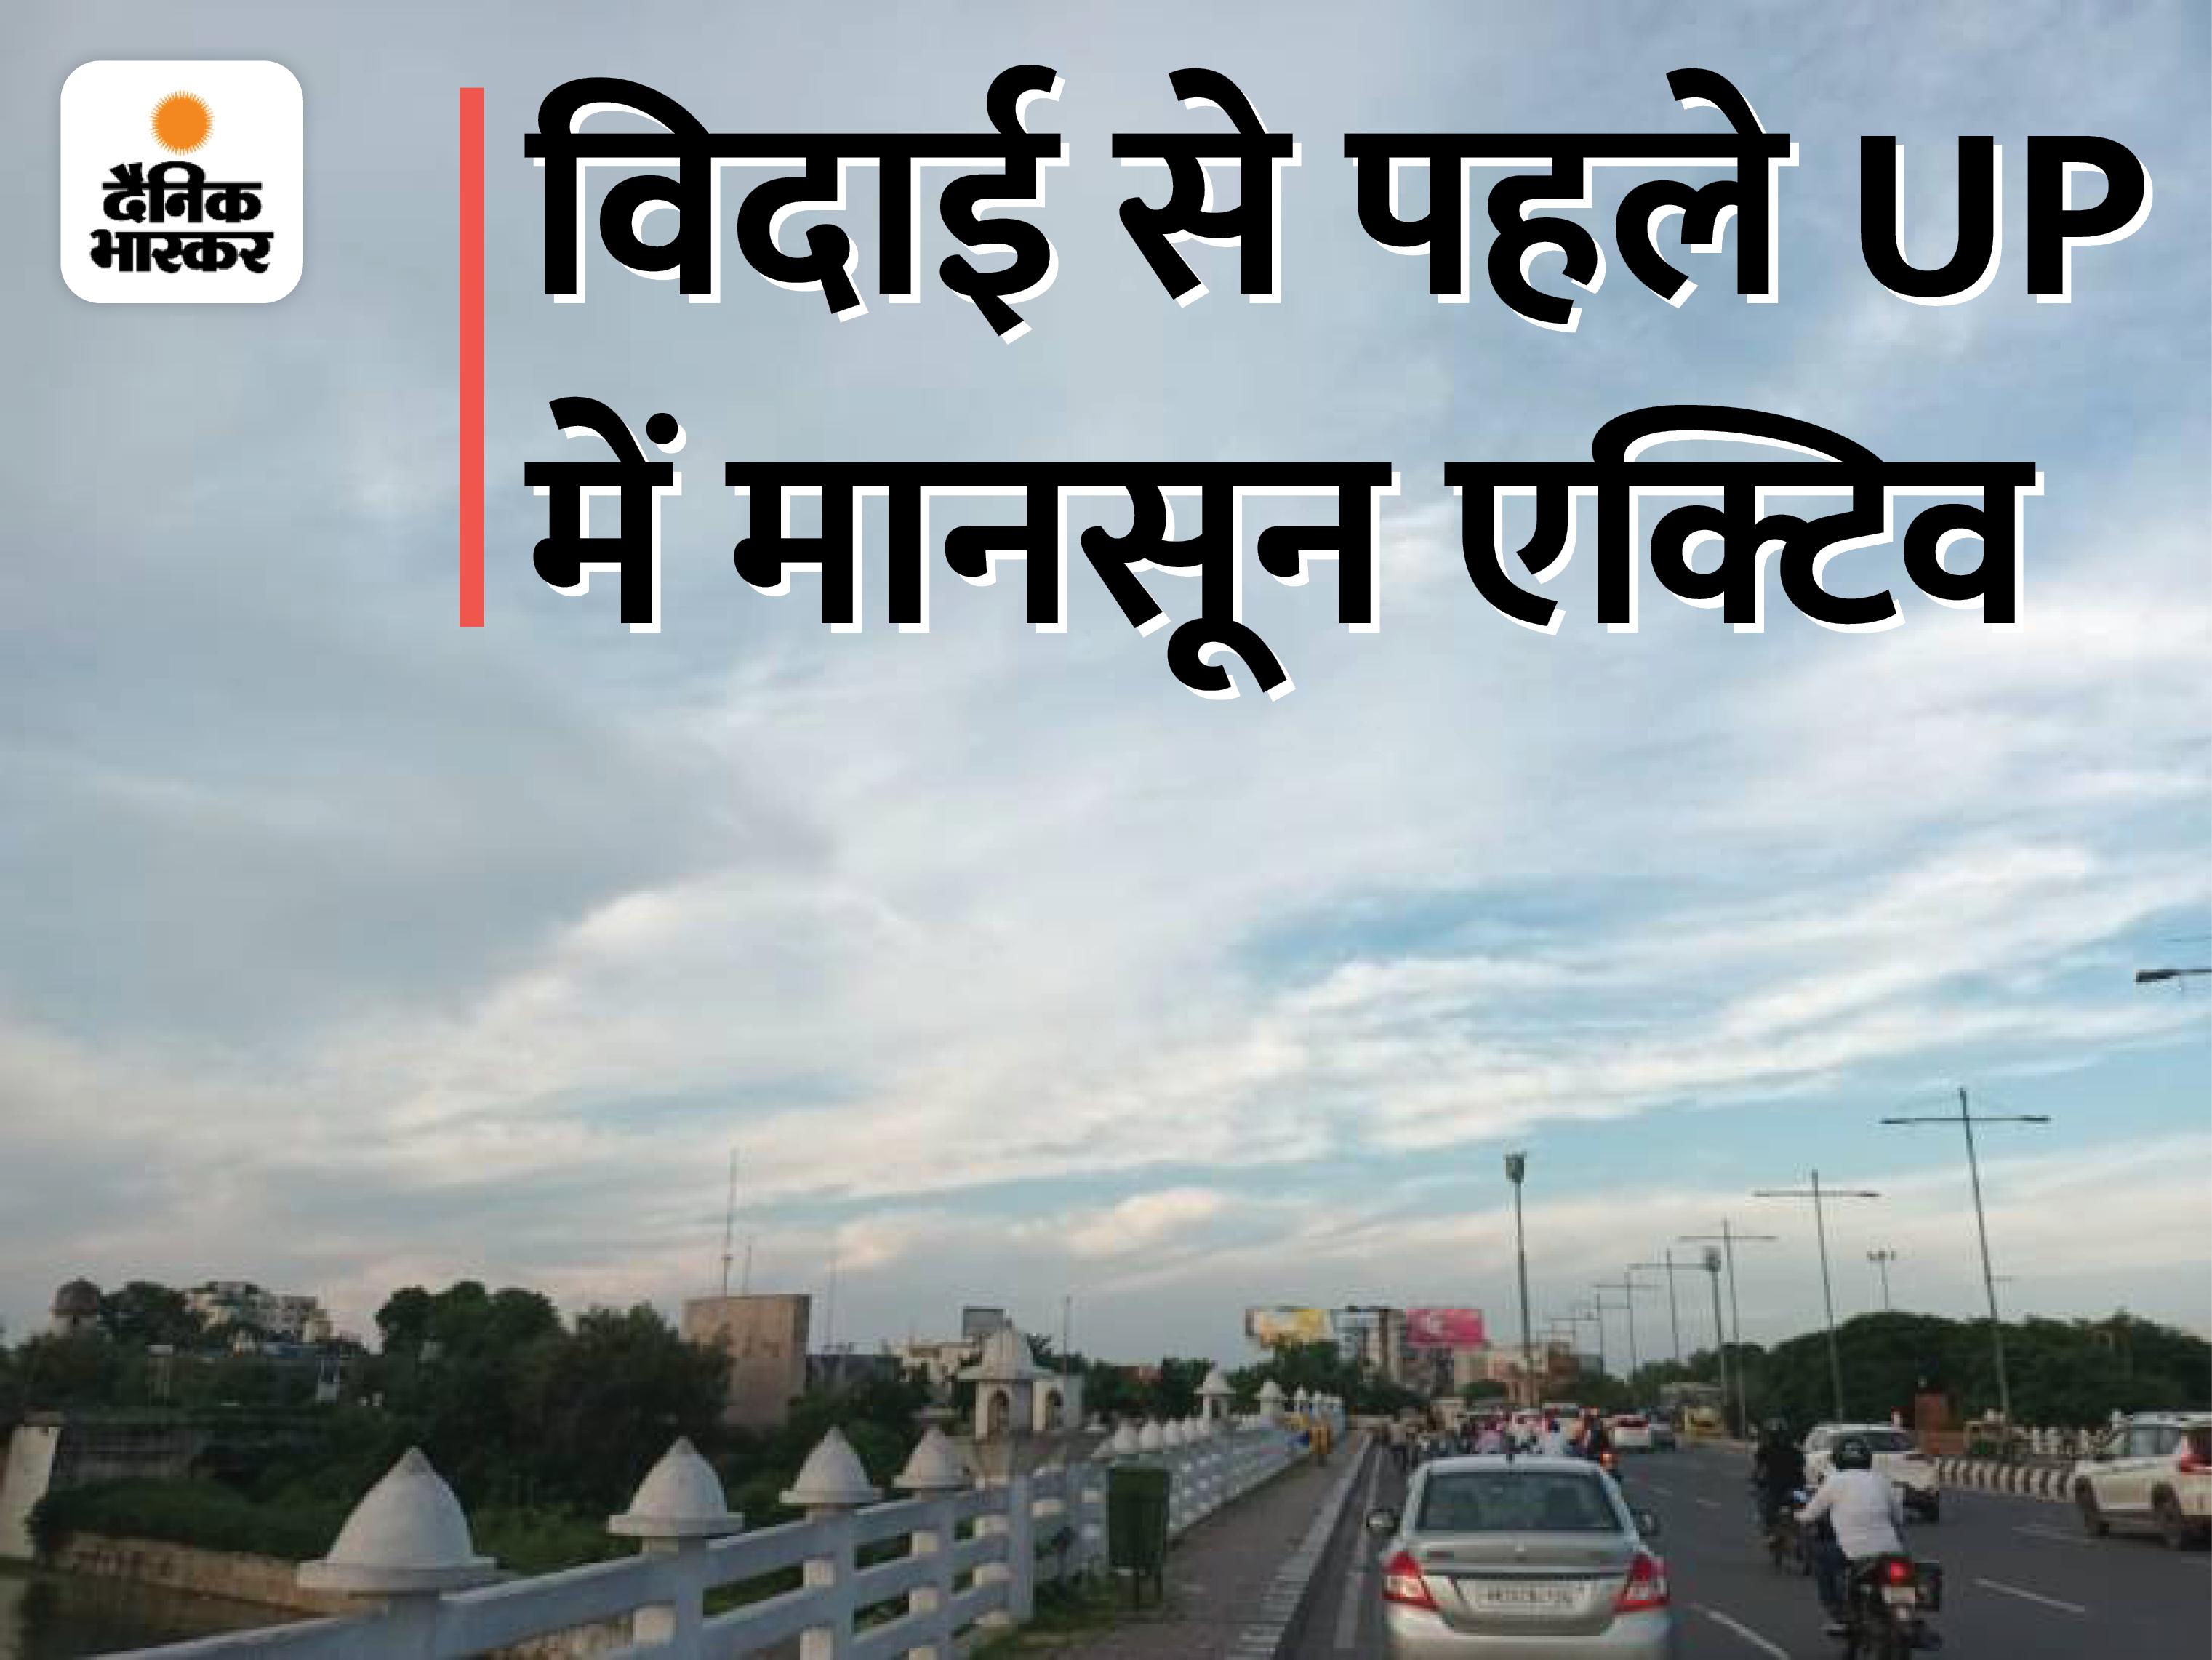 मौसम विभाग ने कहा- 14 से 17 सितंबर तक कई जगह तेज बारिश होगी, प्रदेश में रात के तापमान में 2 डिग्री की गिरावट|लखनऊ,Lucknow - Dainik Bhaskar